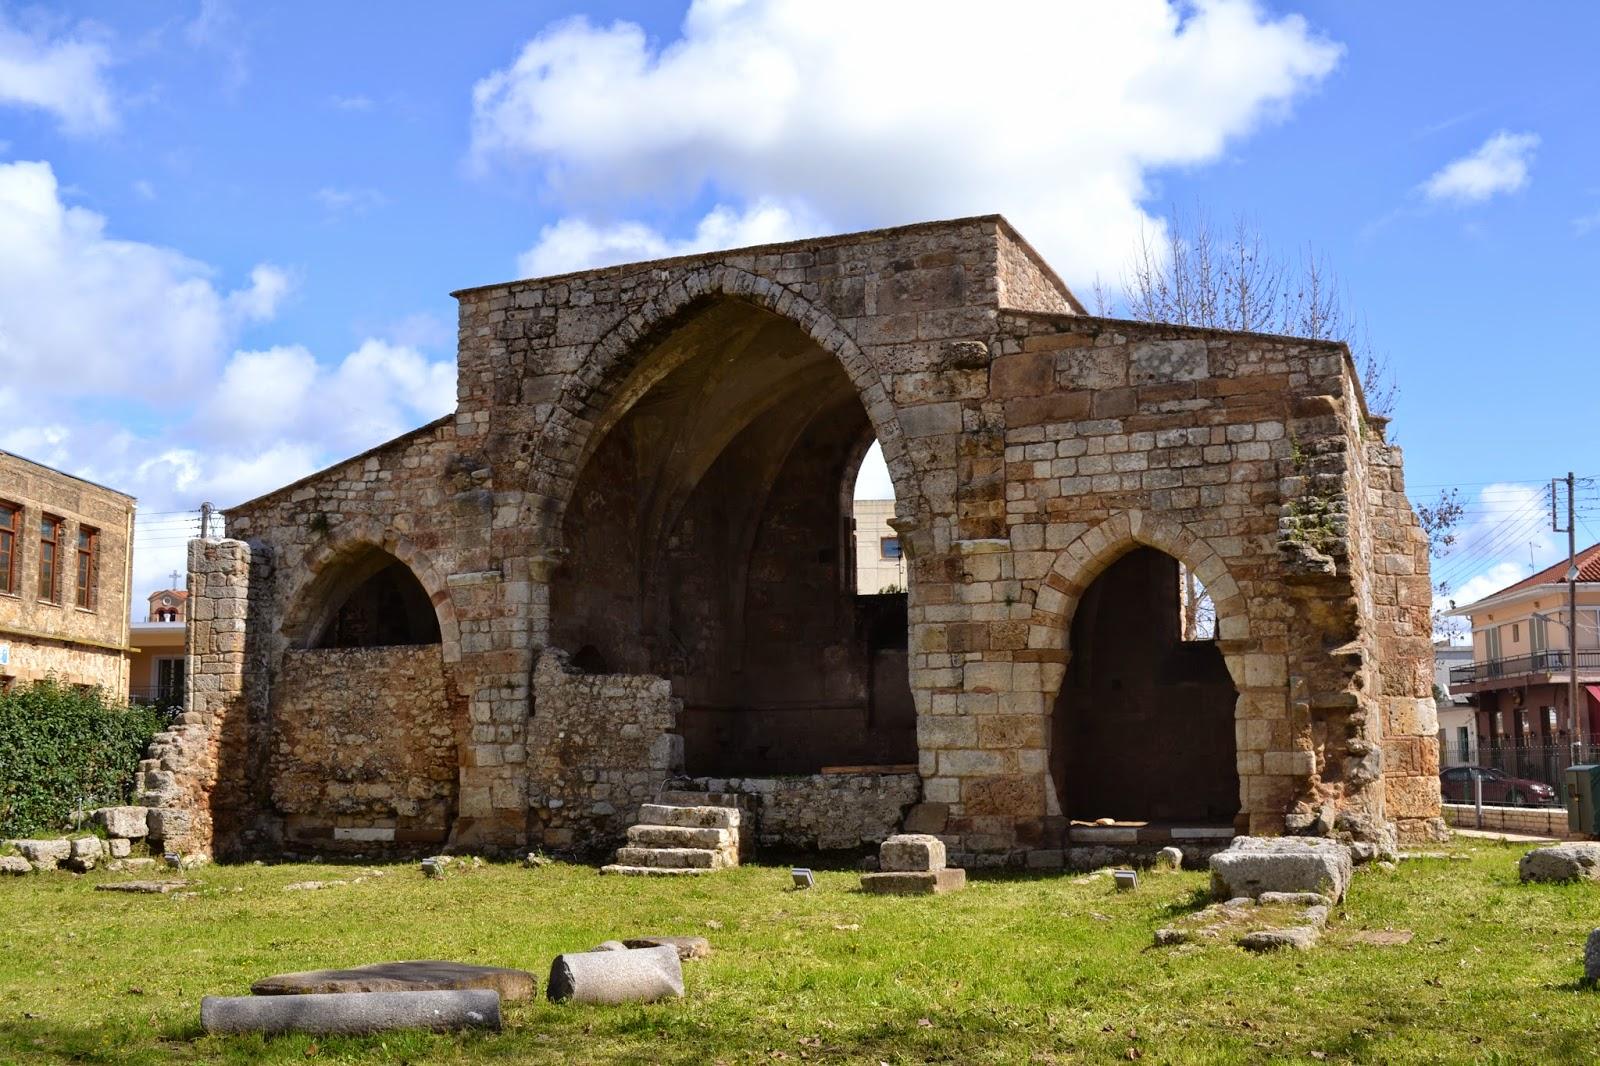 Αποτέλεσμα εικόνας για Κάστρο Χλεμούτσι